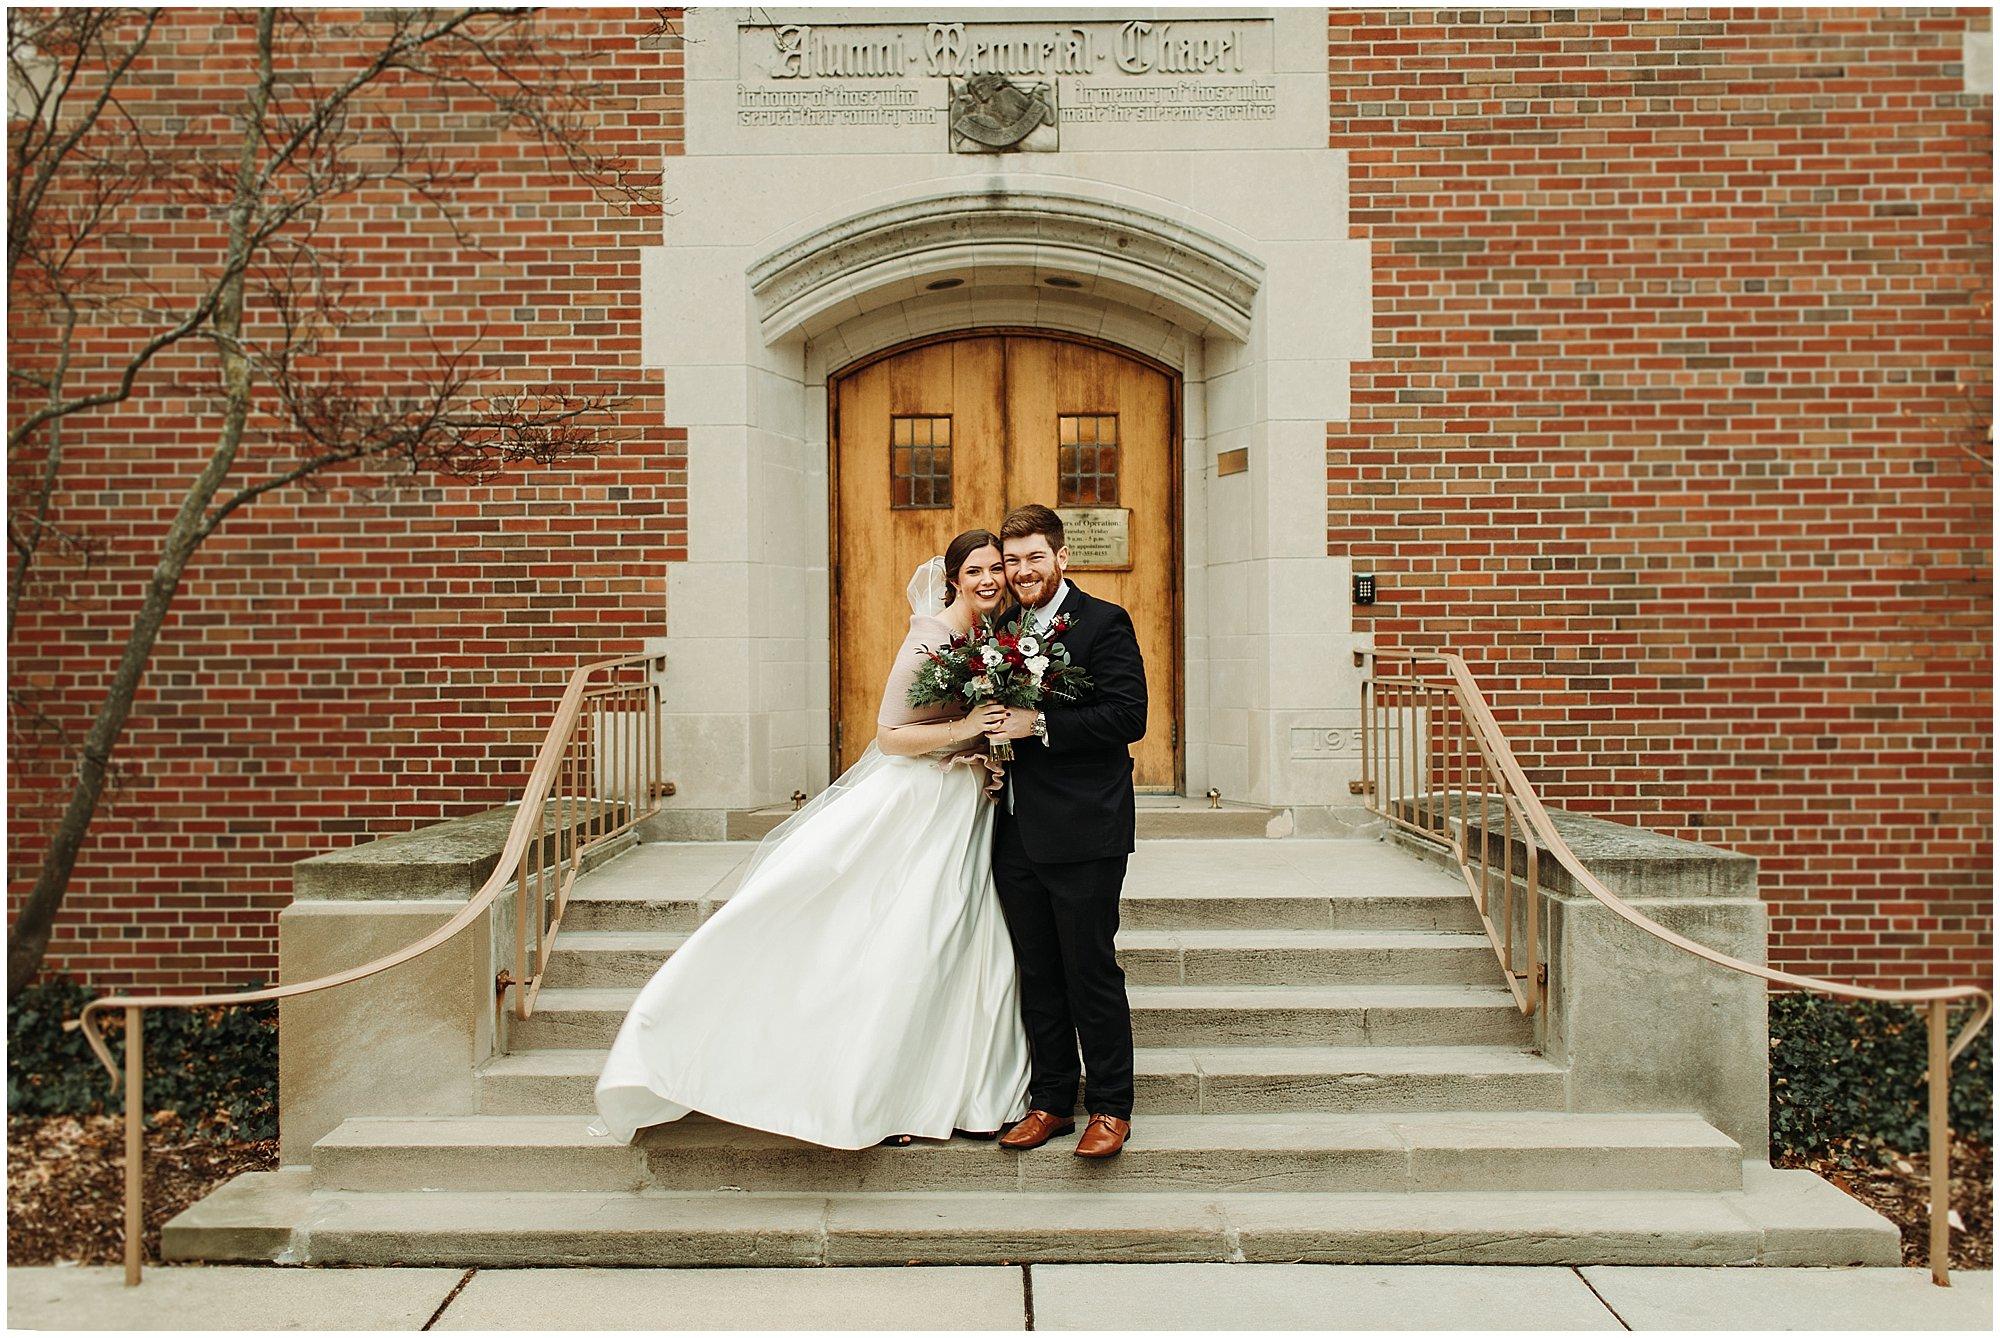 Michigan State Alumni Memorial Chapel Bride and Groom